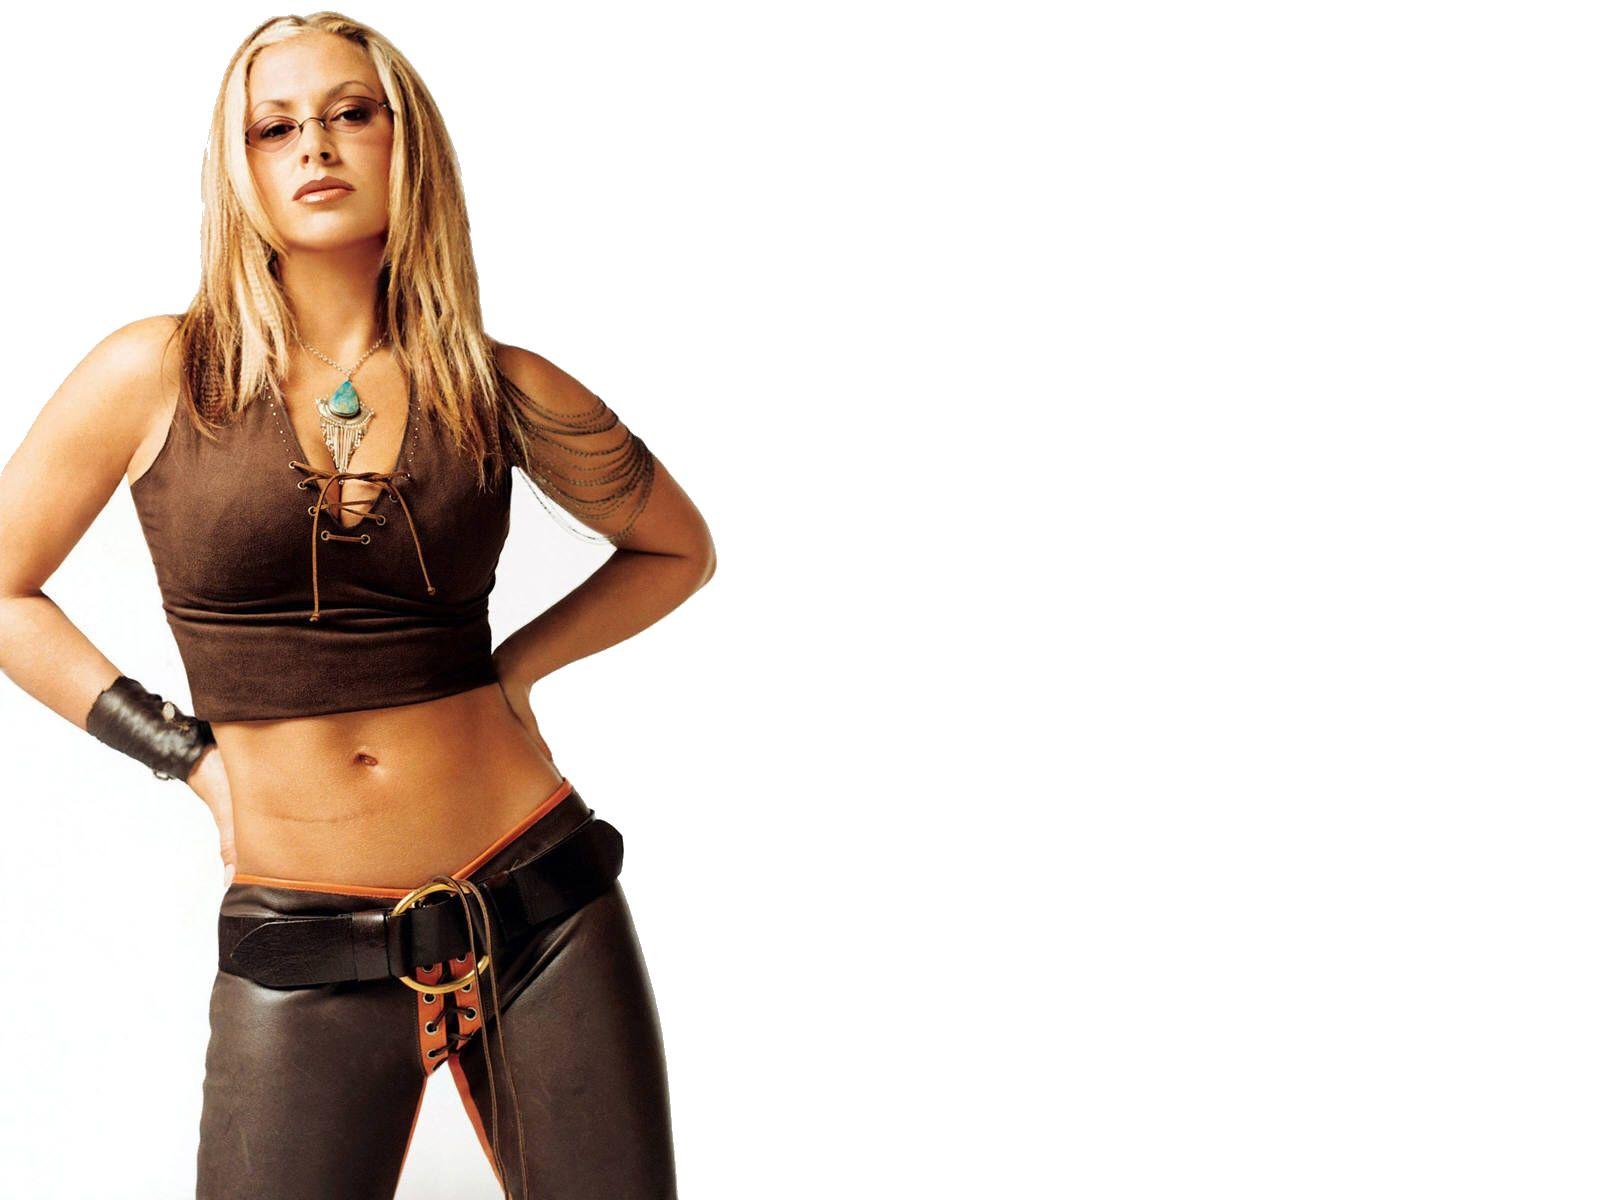 http://4.bp.blogspot.com/_Vk2ir6UMOjY/TNafDczHYCI/AAAAAAAAG-Q/RZjUr9fgXPU/s1600/Anastacia_Lyn_Newkirk_american_singer_1.jpg